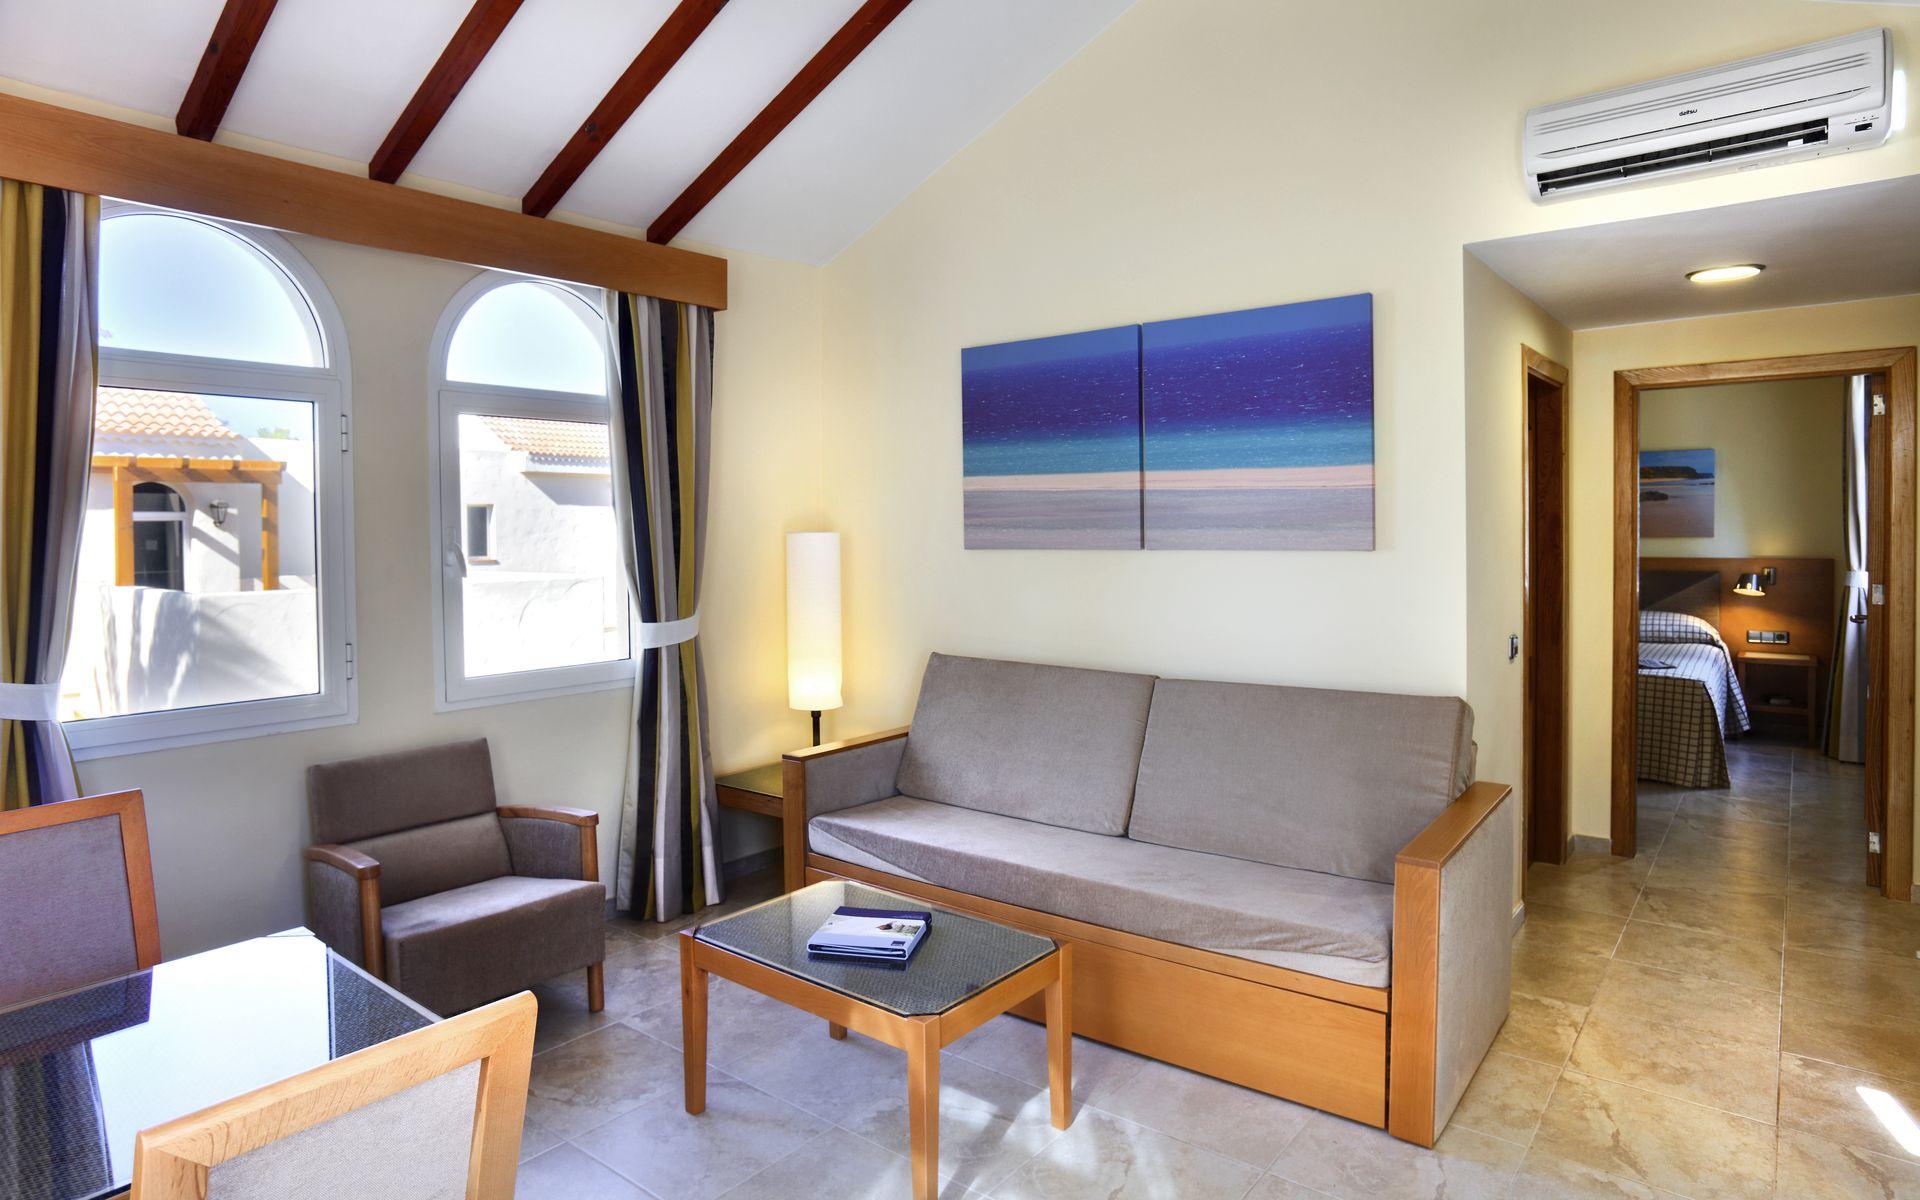 Hotel barcel castillo beach resort en caleta de fuste - Television pequena plana ...